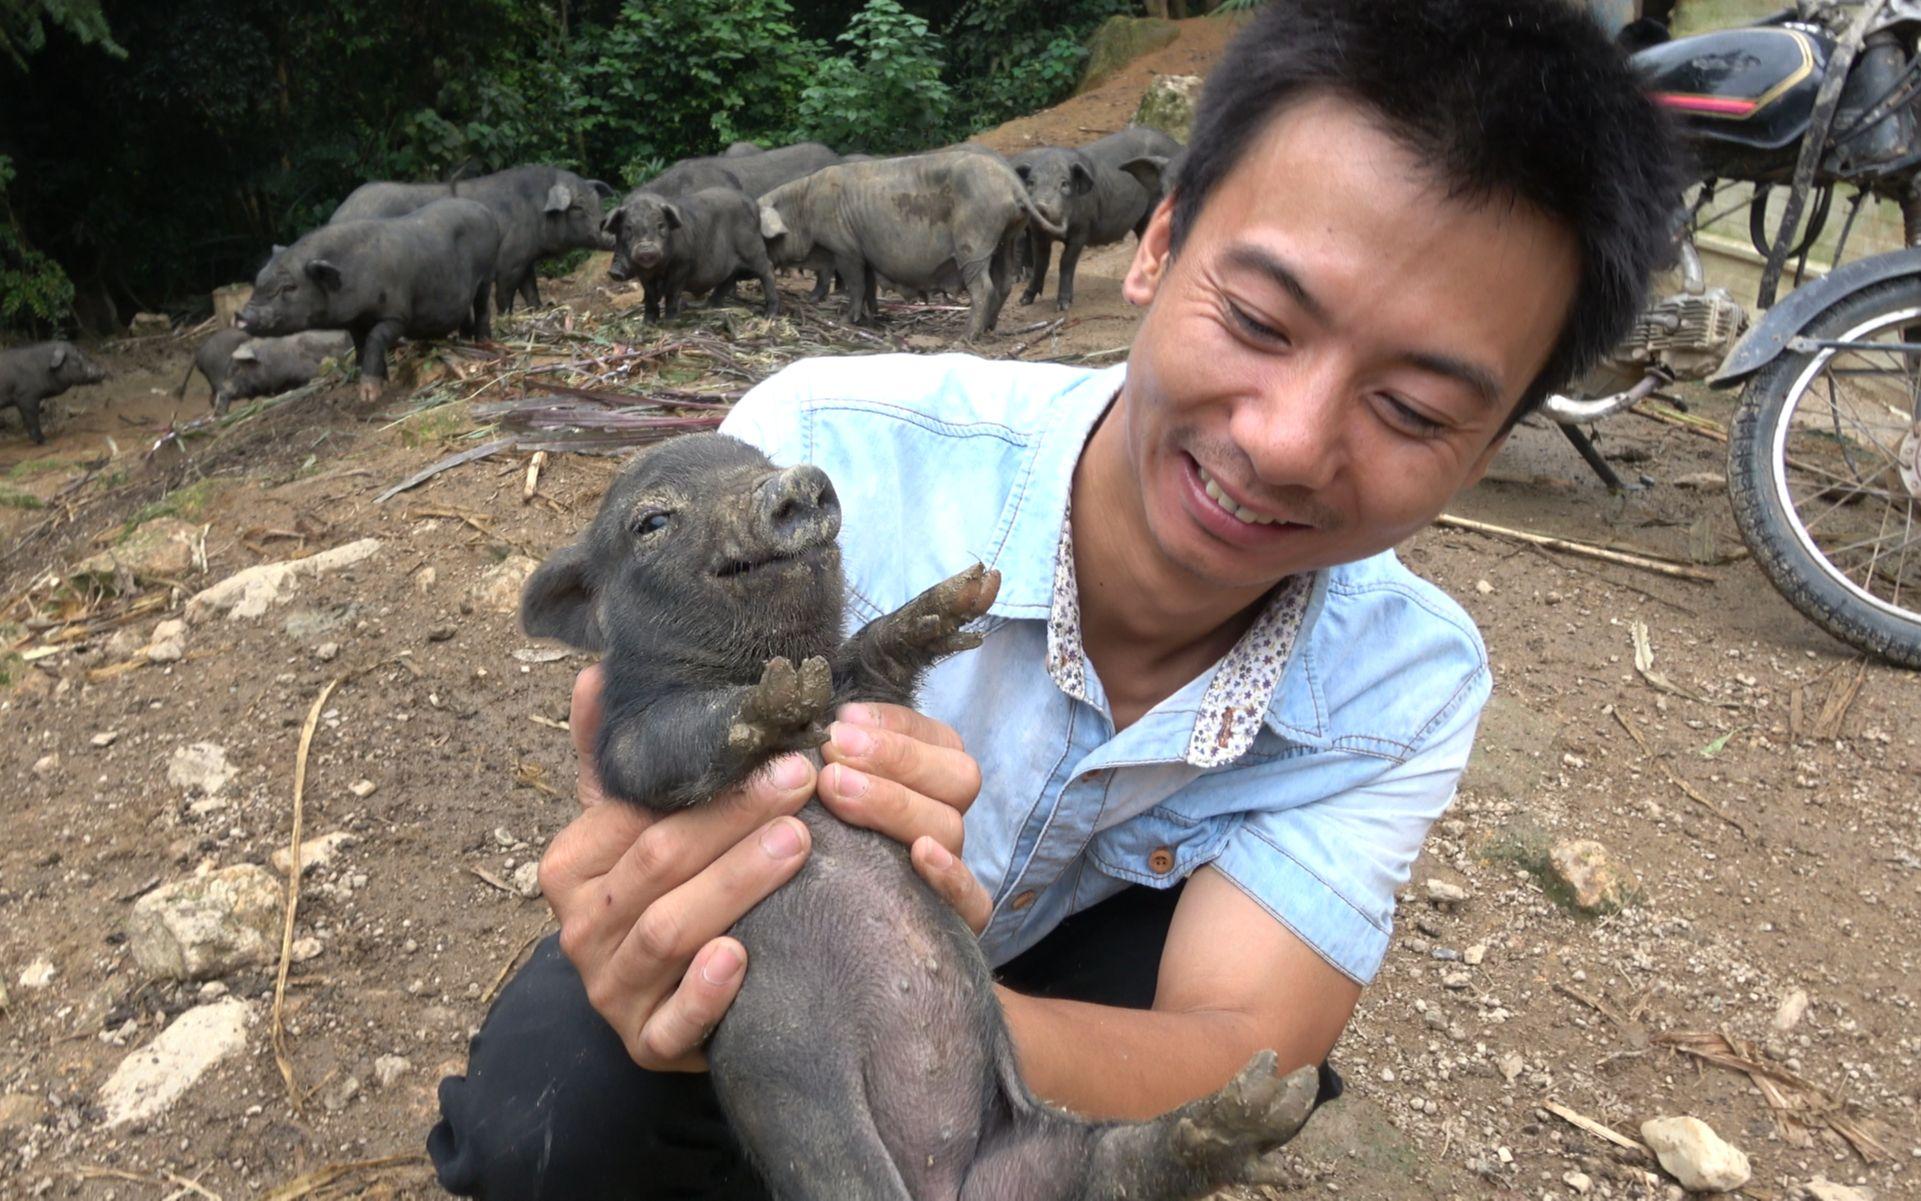 羊吃猪奶视频_华农兄弟:去看下兄弟家散养的香猪,捉来做烤乳猪,应该很 ...